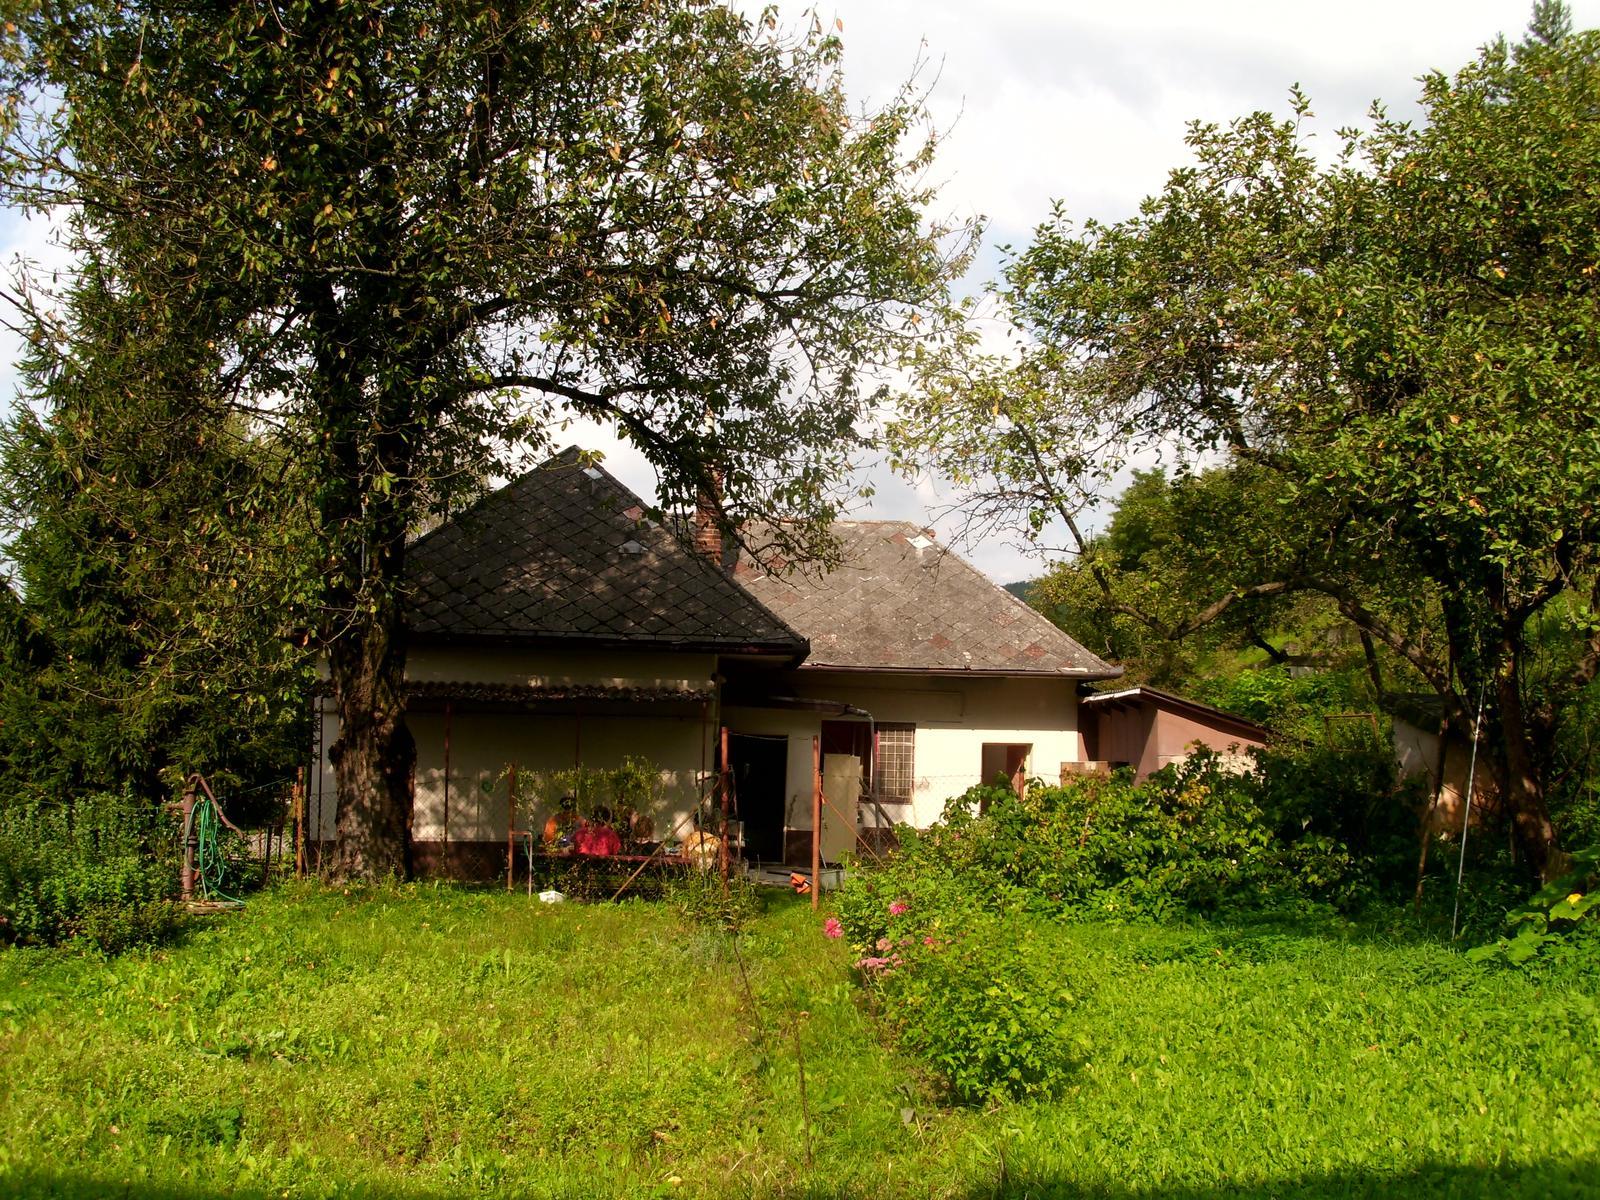 V zelenom dome - Prvý pracovno-relaxačný víkend....koľko ich ešte bude? #rekonstrukcia